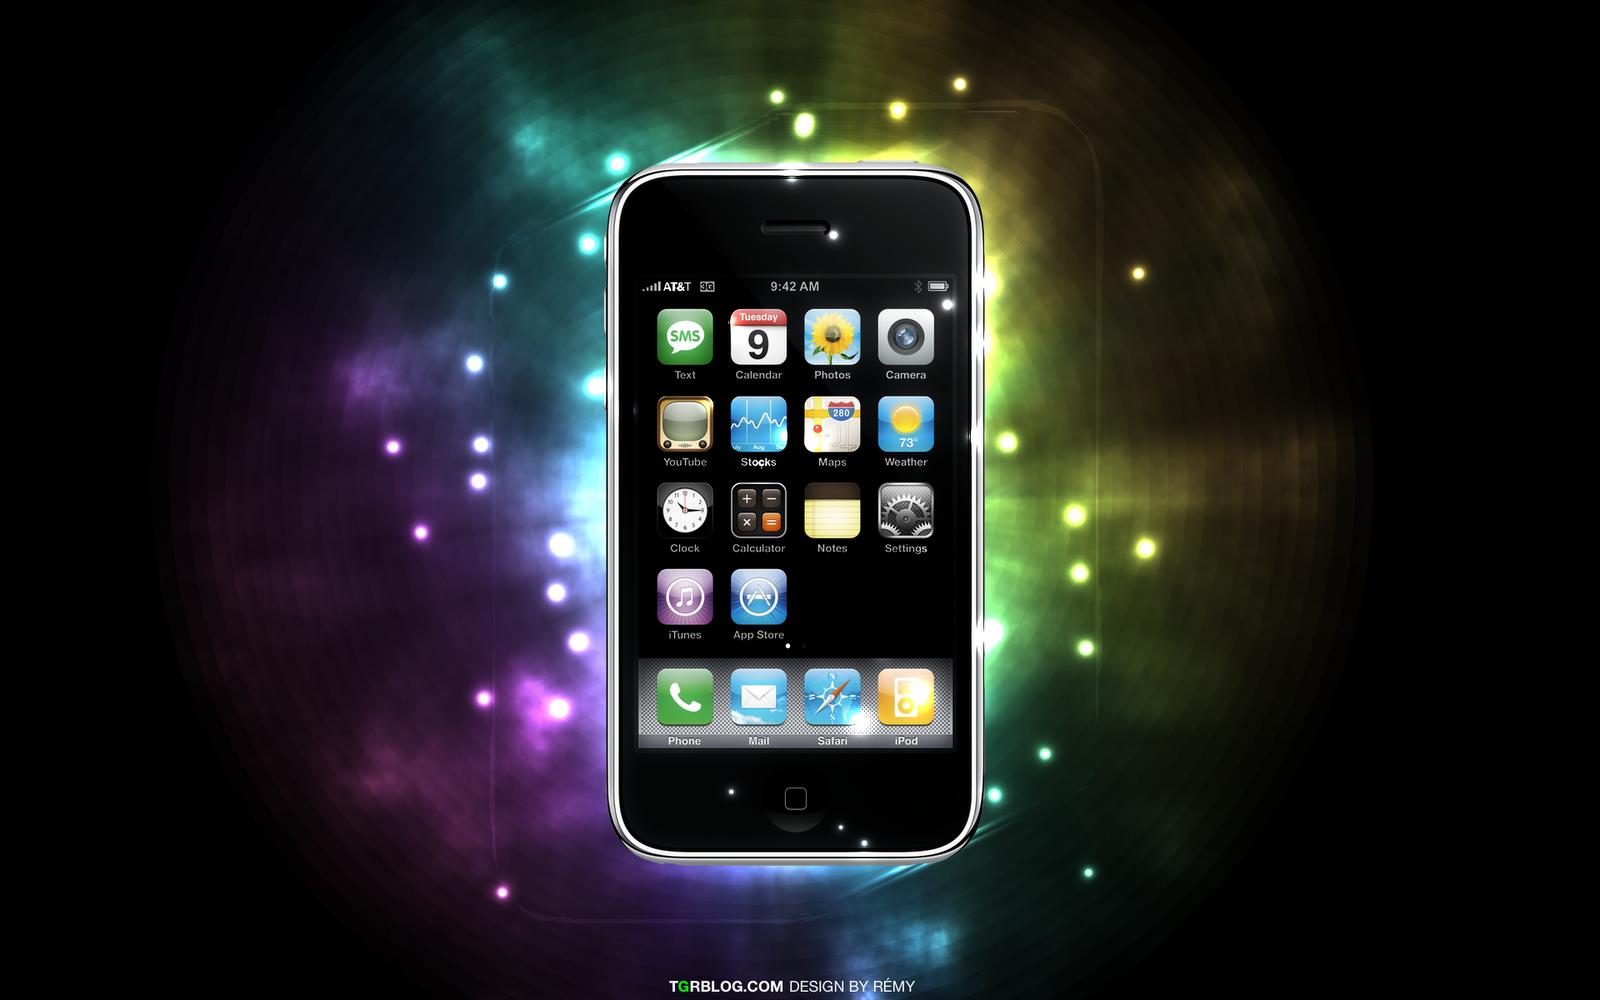 http://4.bp.blogspot.com/-JESPXdO73Jw/UEHqnz_4XvI/AAAAAAAADUw/3bqwMQKg5d8/s1600/iphone-sparks.png